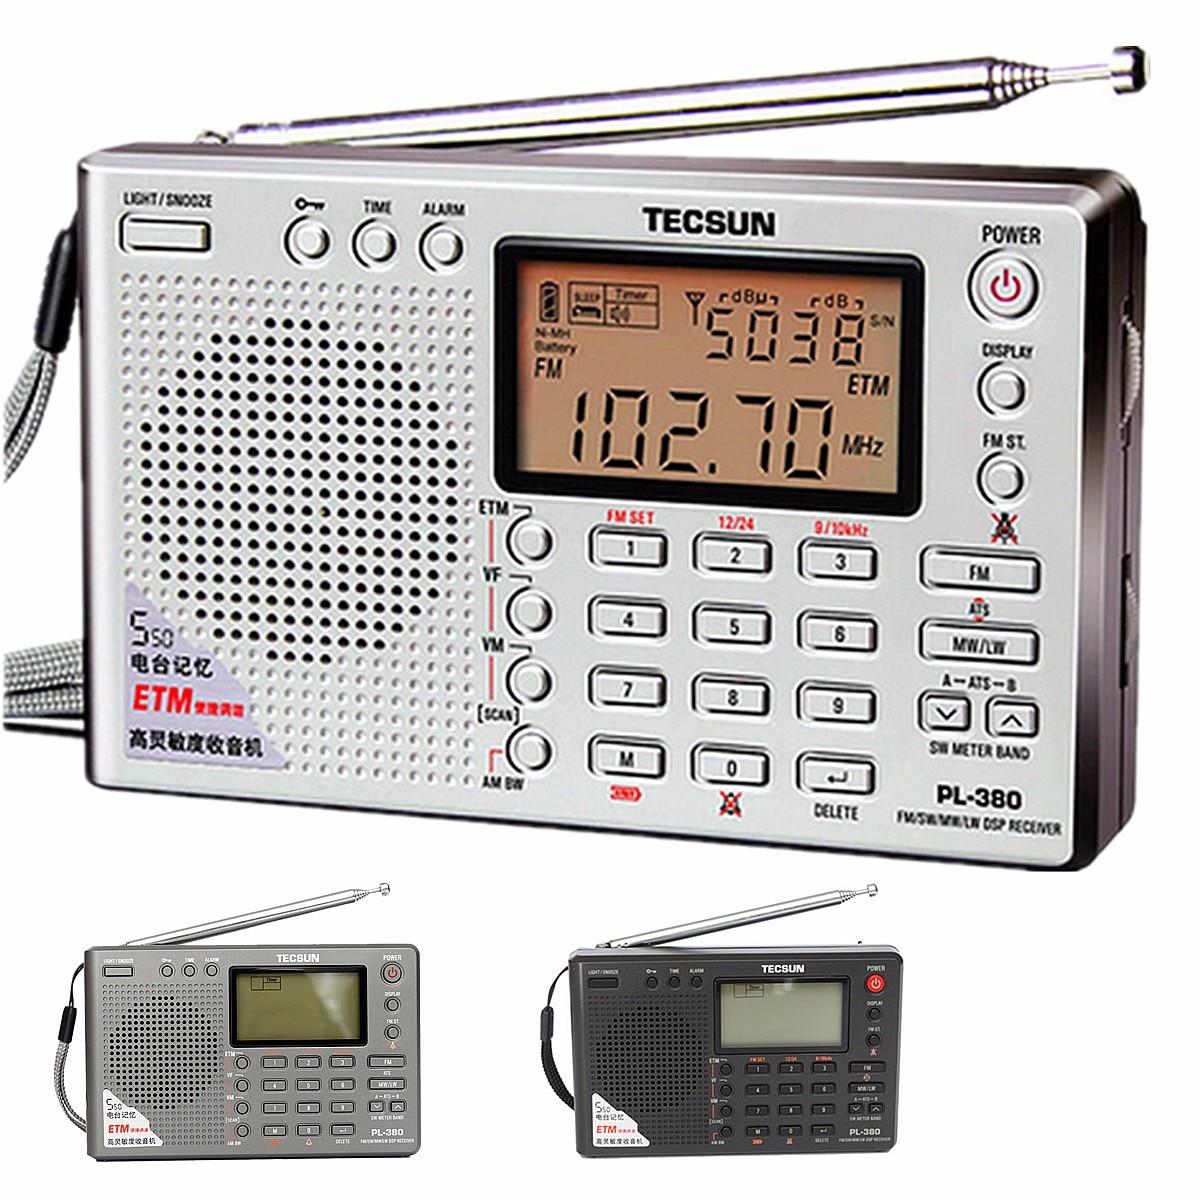 TECSUN PL-380 DSP PLL FM MW SW LW Radio stéréo numérique récepteur bande du monde nouveau Mode de réglage 7 sélectionnable argent gris noir